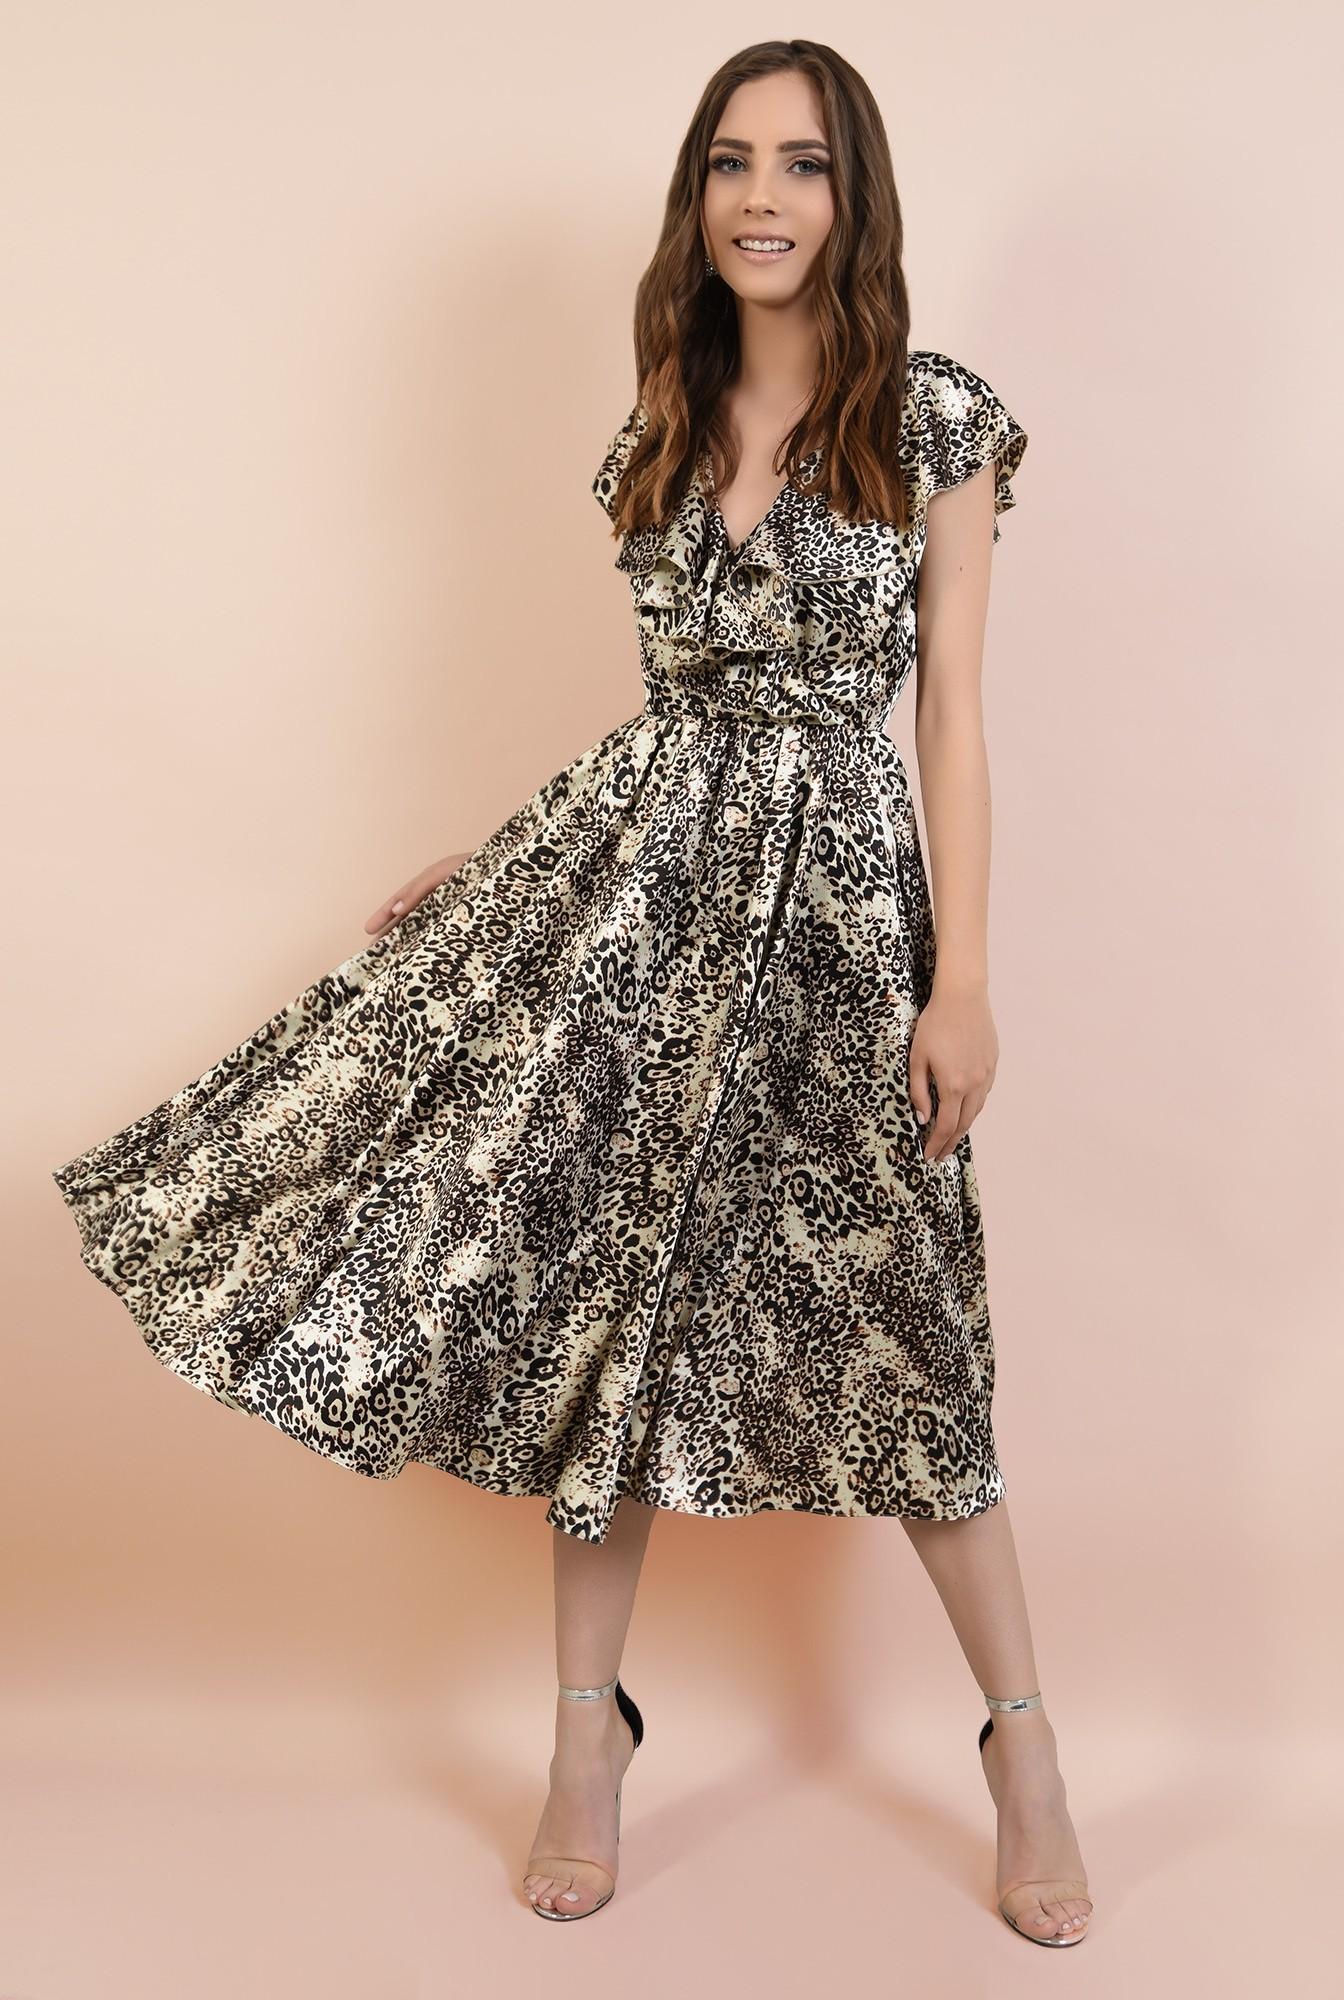 3 - rochie eleganta, din satin imprimat, cu volane, croi clos